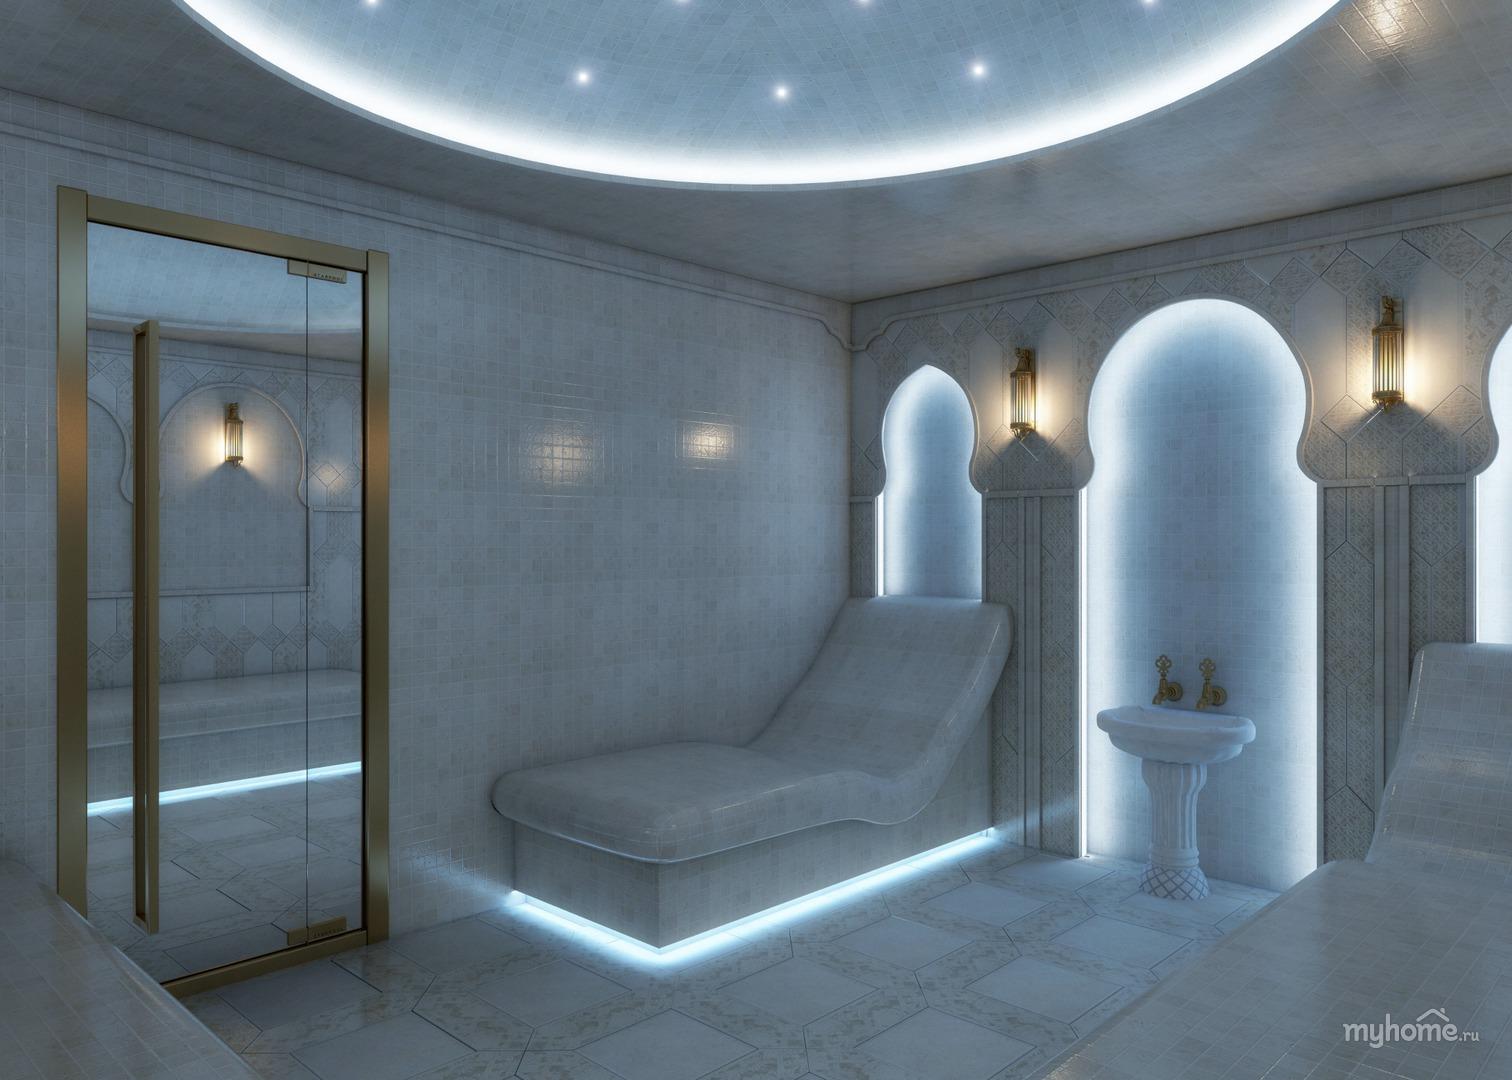 Внутренняя отделка турецкой бани хамам. выбор материалов.